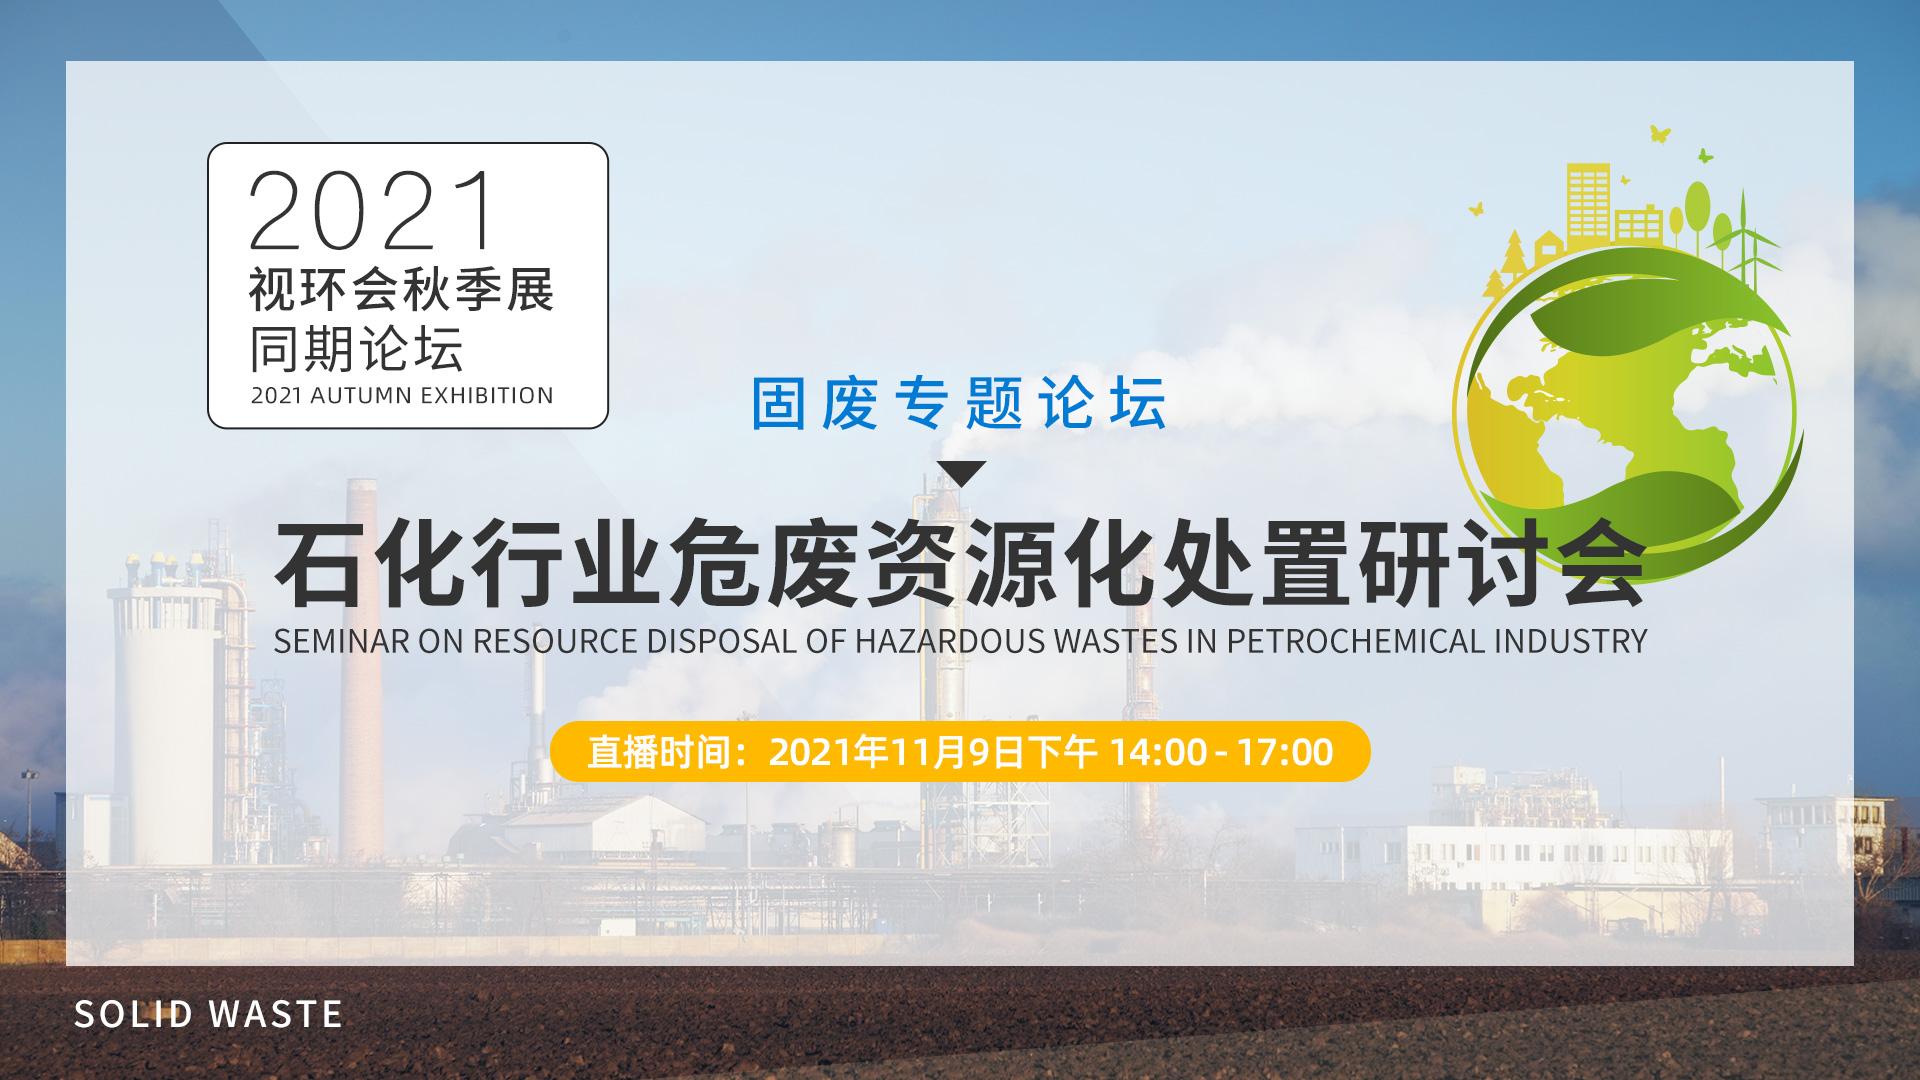 石化行业危废资源化处置线上研讨会